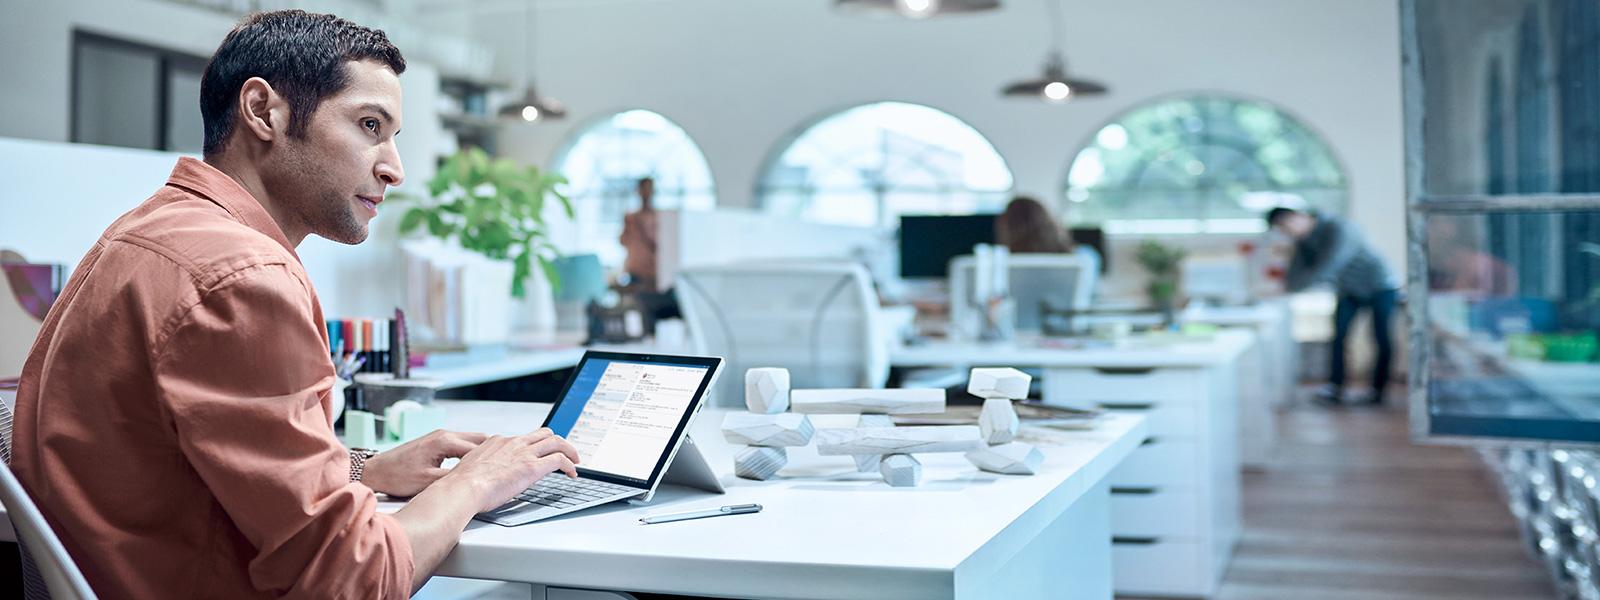 Surface Pro 4, grand écran et le clavier assis sur un bureau.